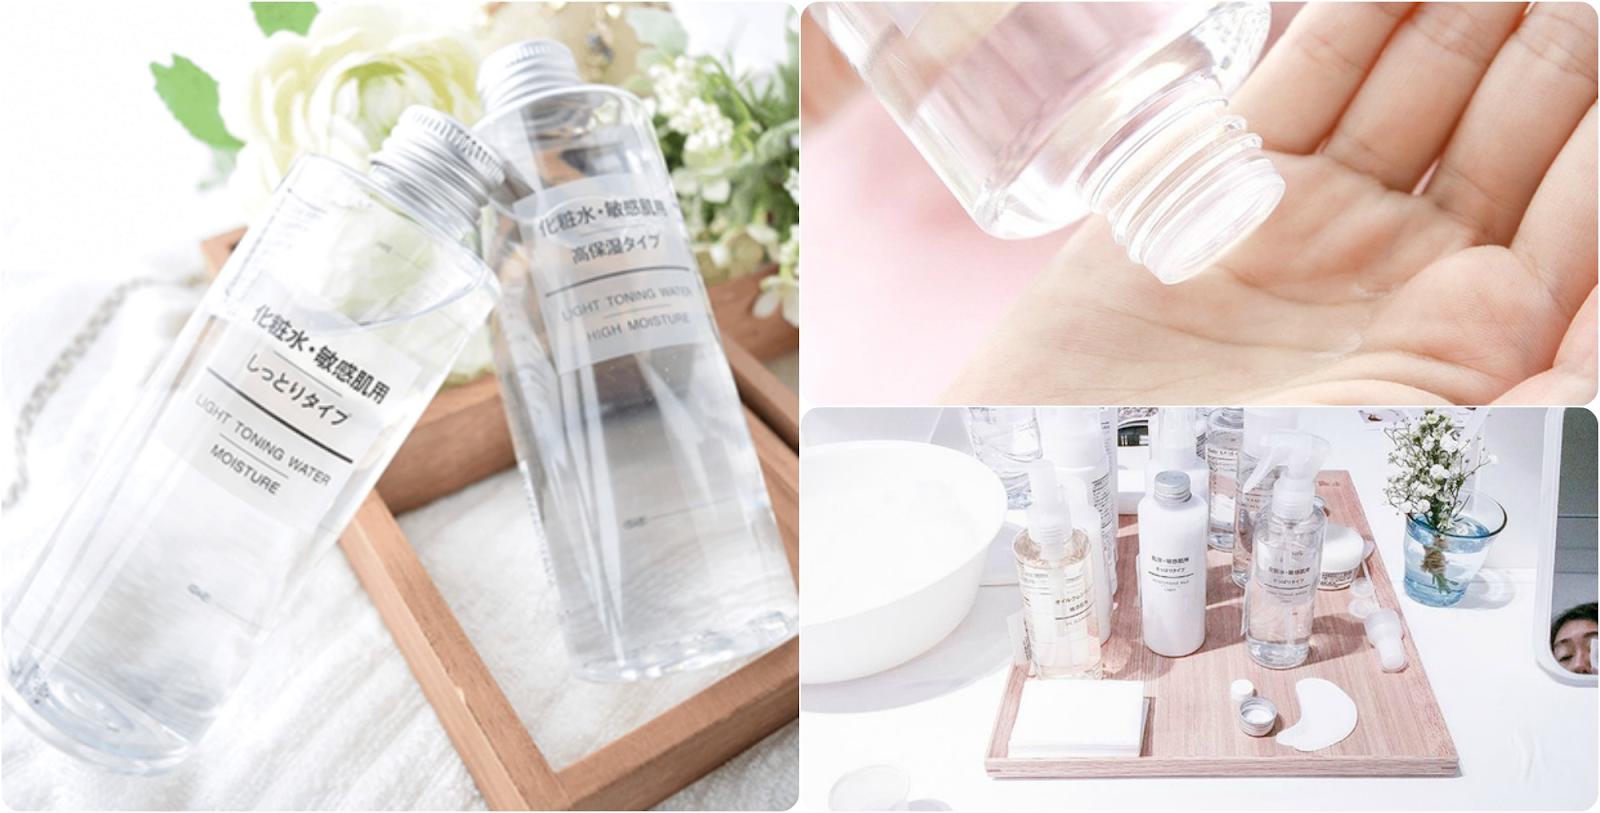 Toner Muji là thương hiệu nước hoa hồng nổi tiếng khắp toàn cầu đến từ Nhật Bản